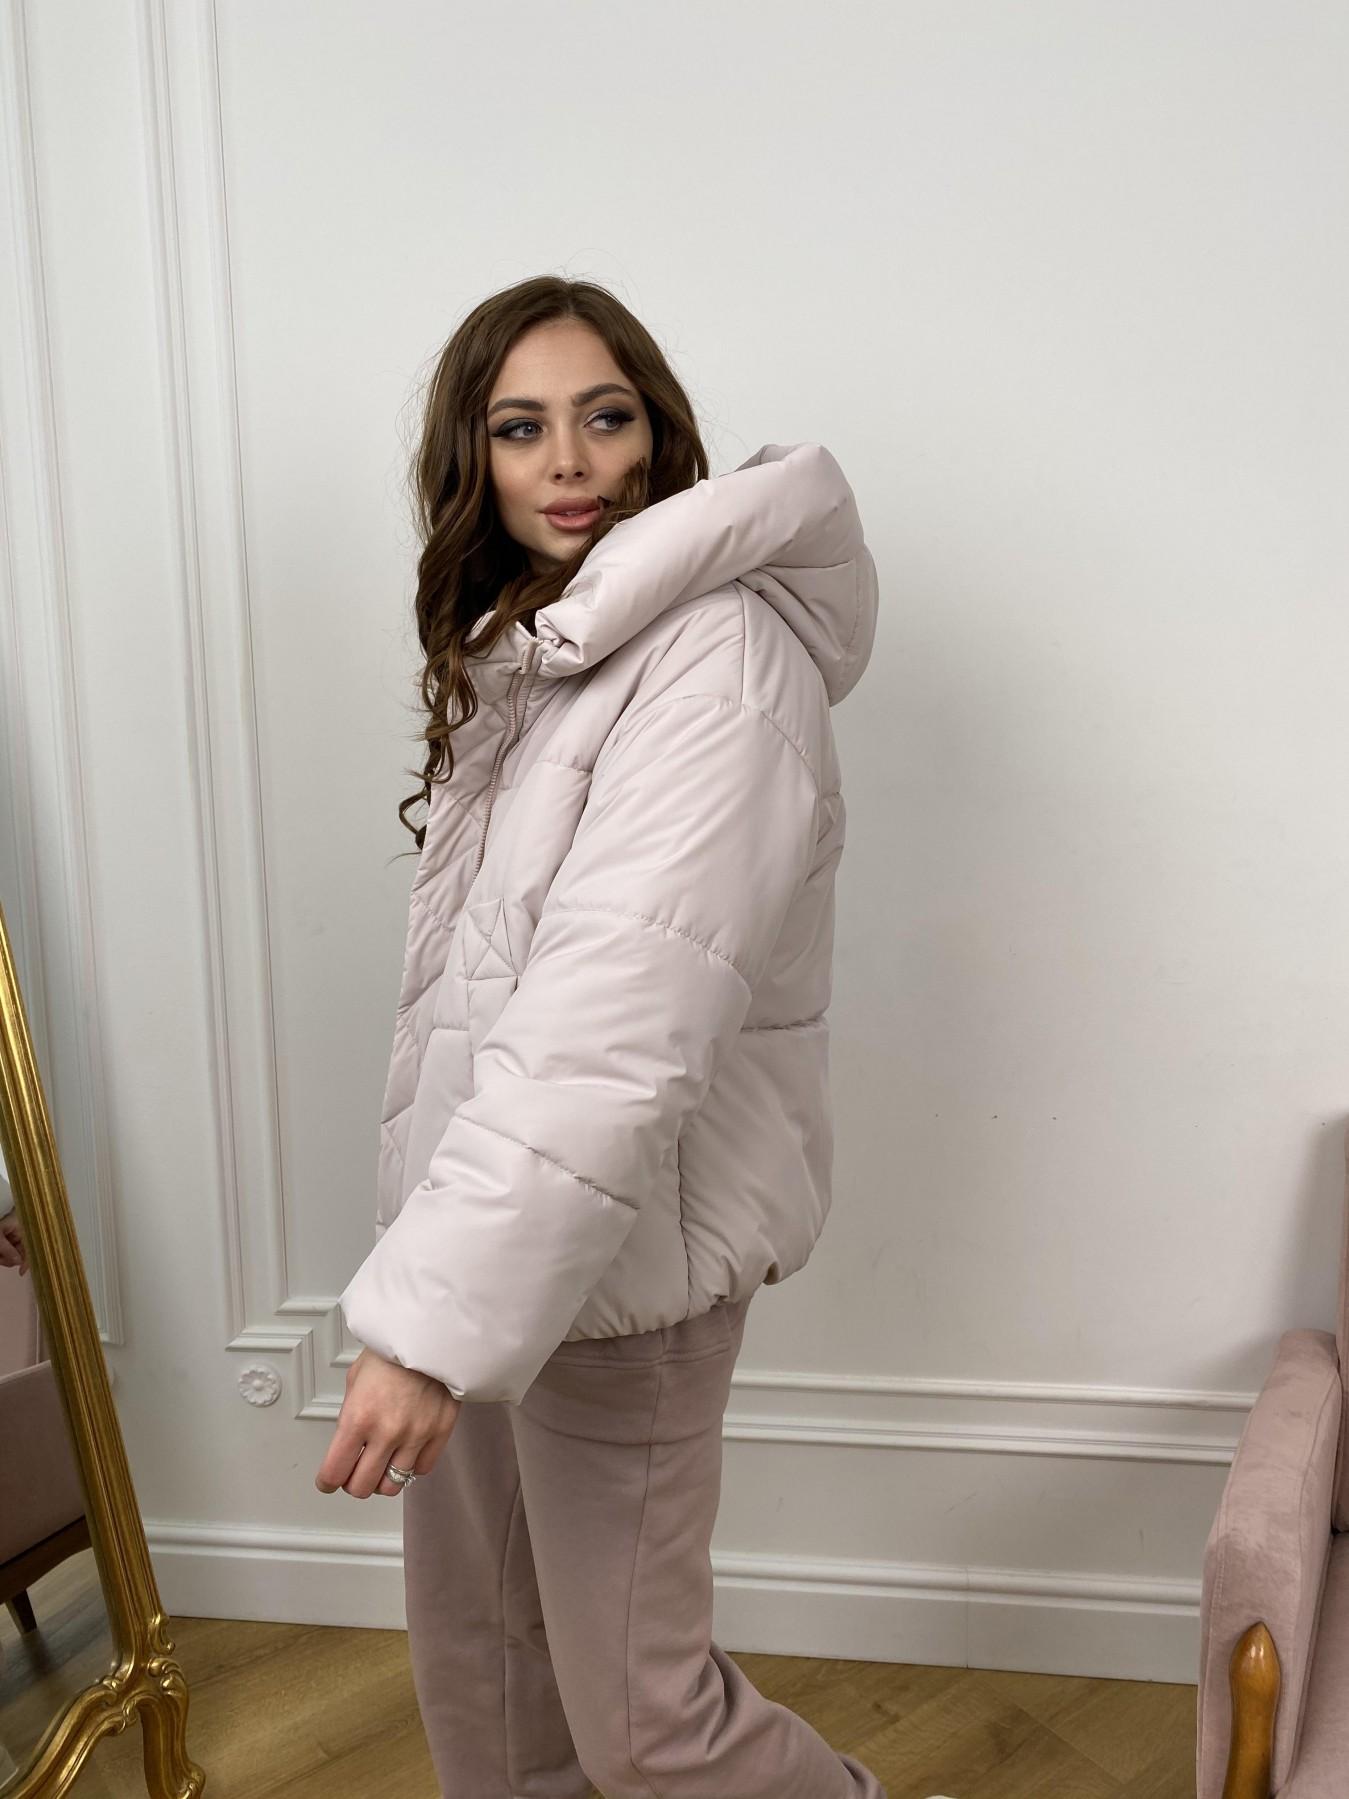 Нокс куртка из плащевой ткани 10535 АРТ. 46973 Цвет: Молоко 970 - фото 3, интернет магазин tm-modus.ru